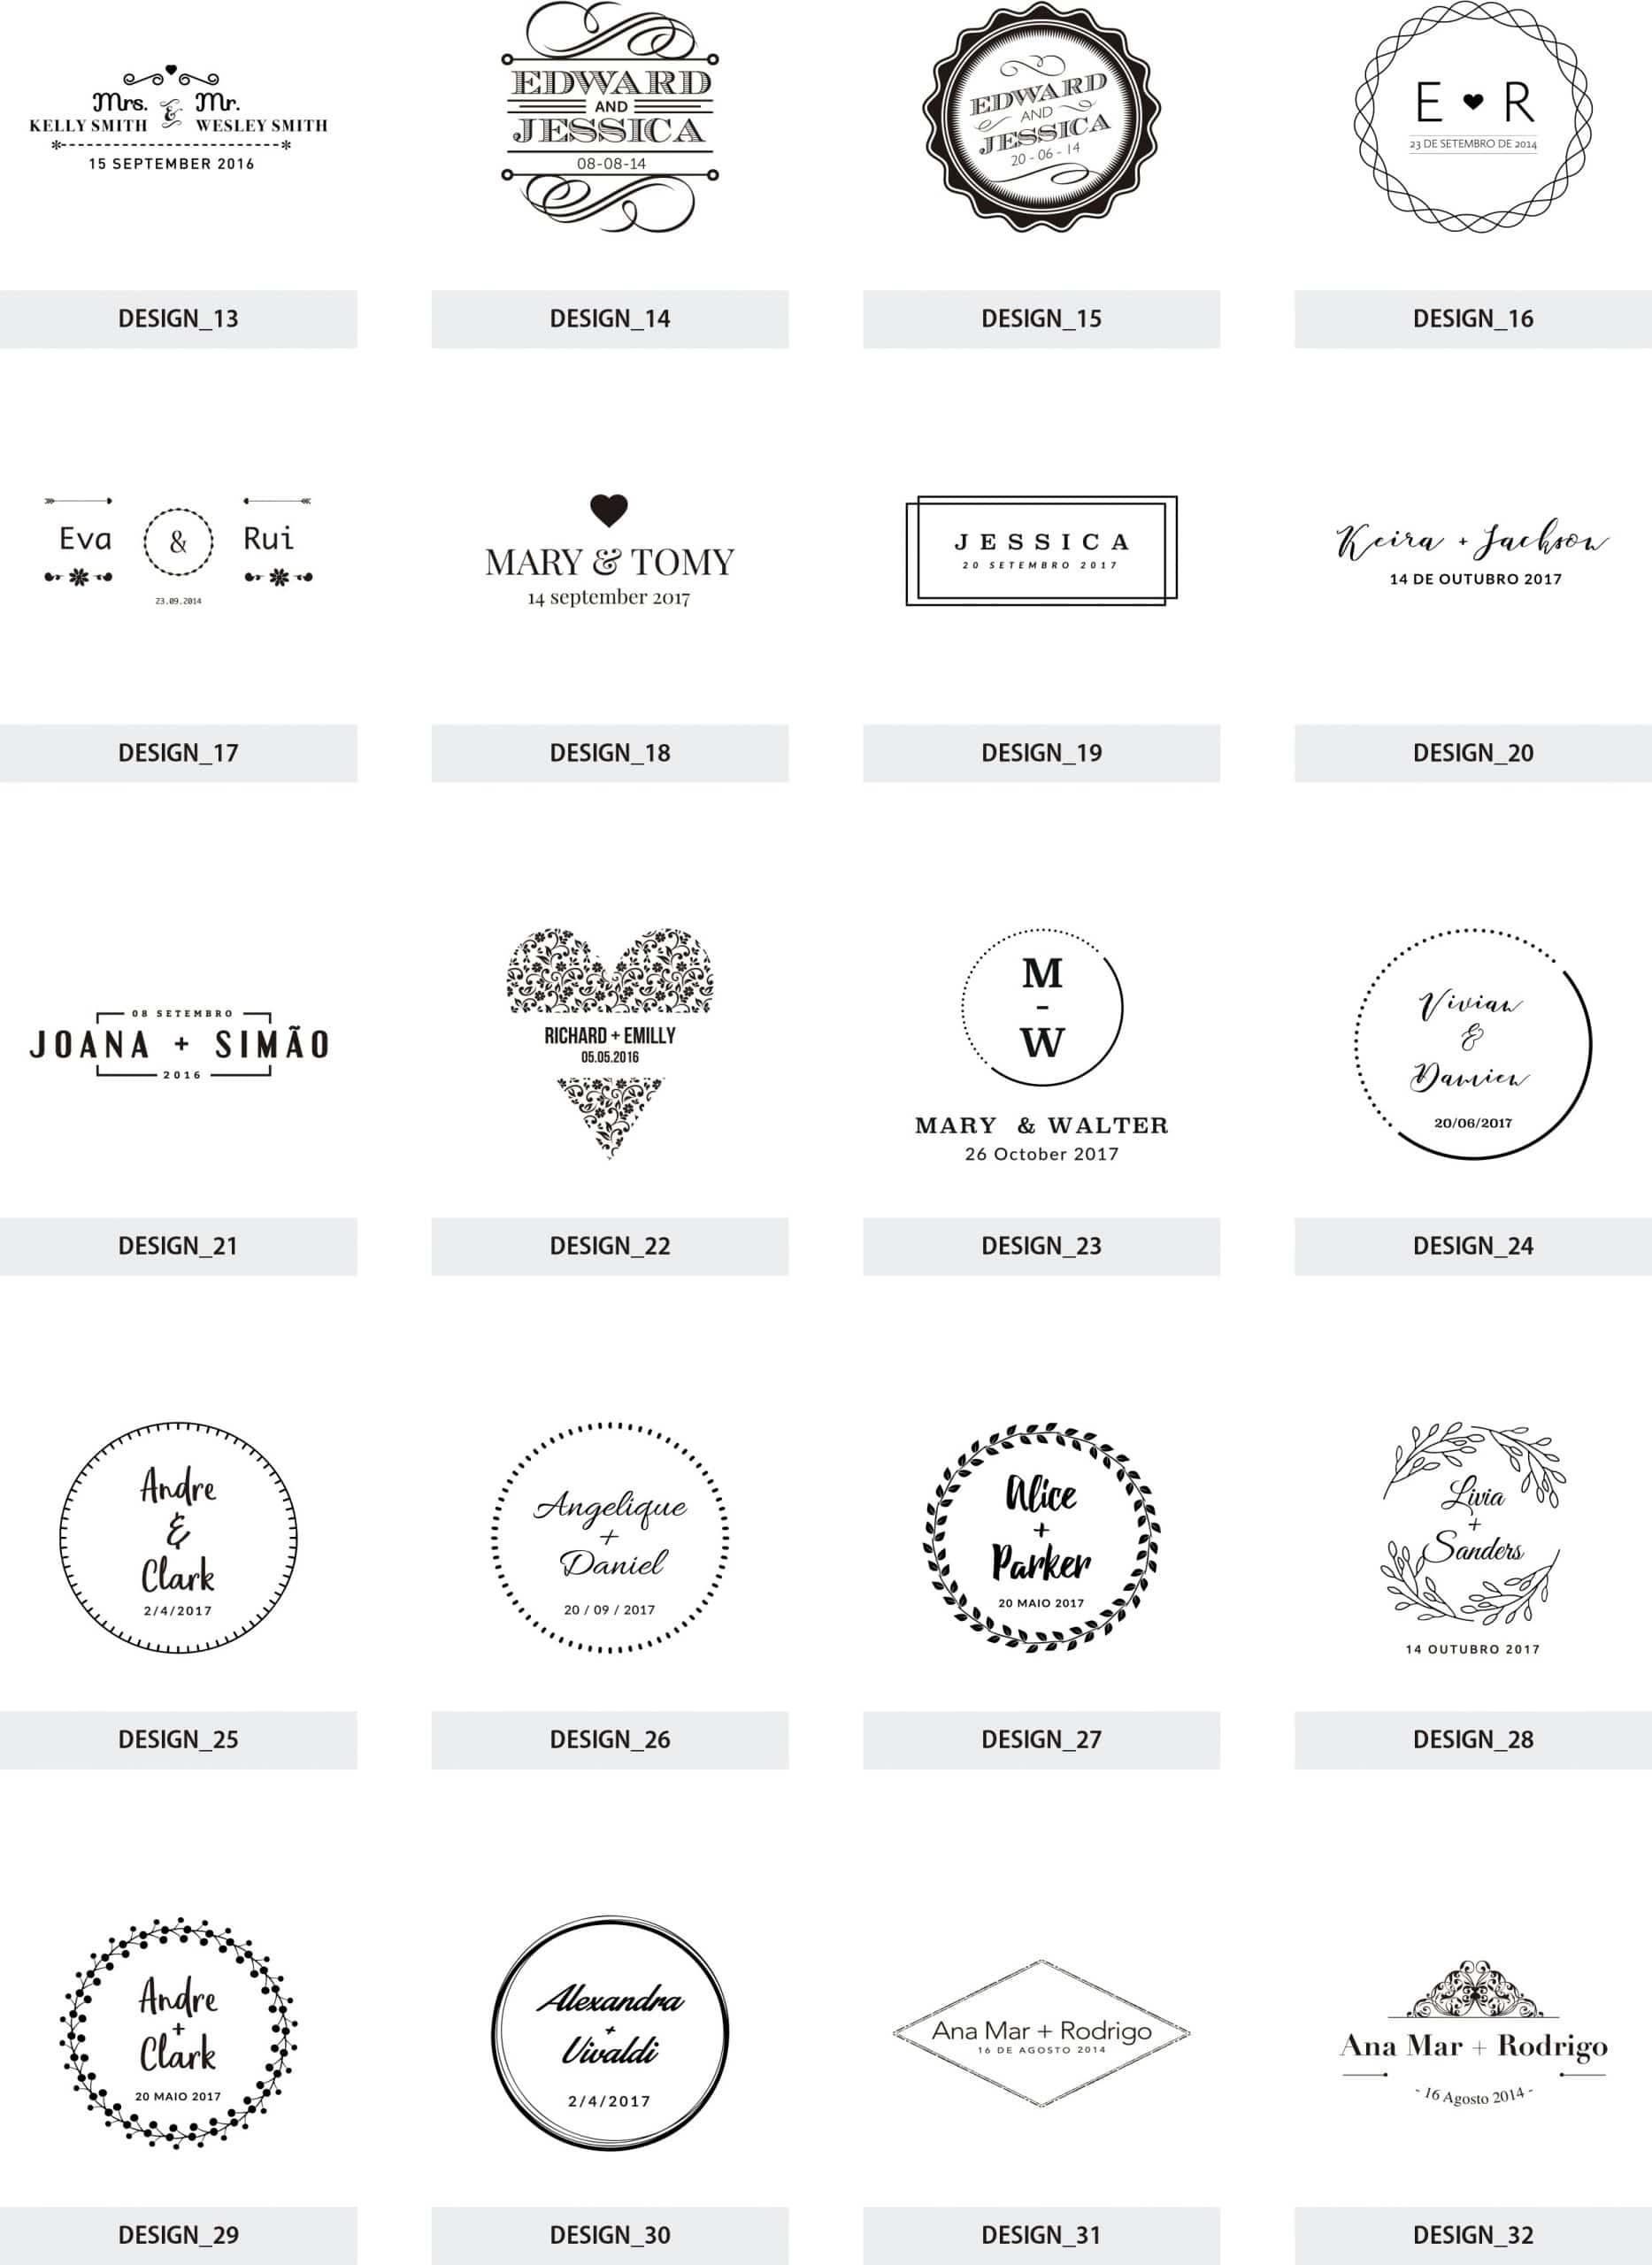 pdf designs-ES